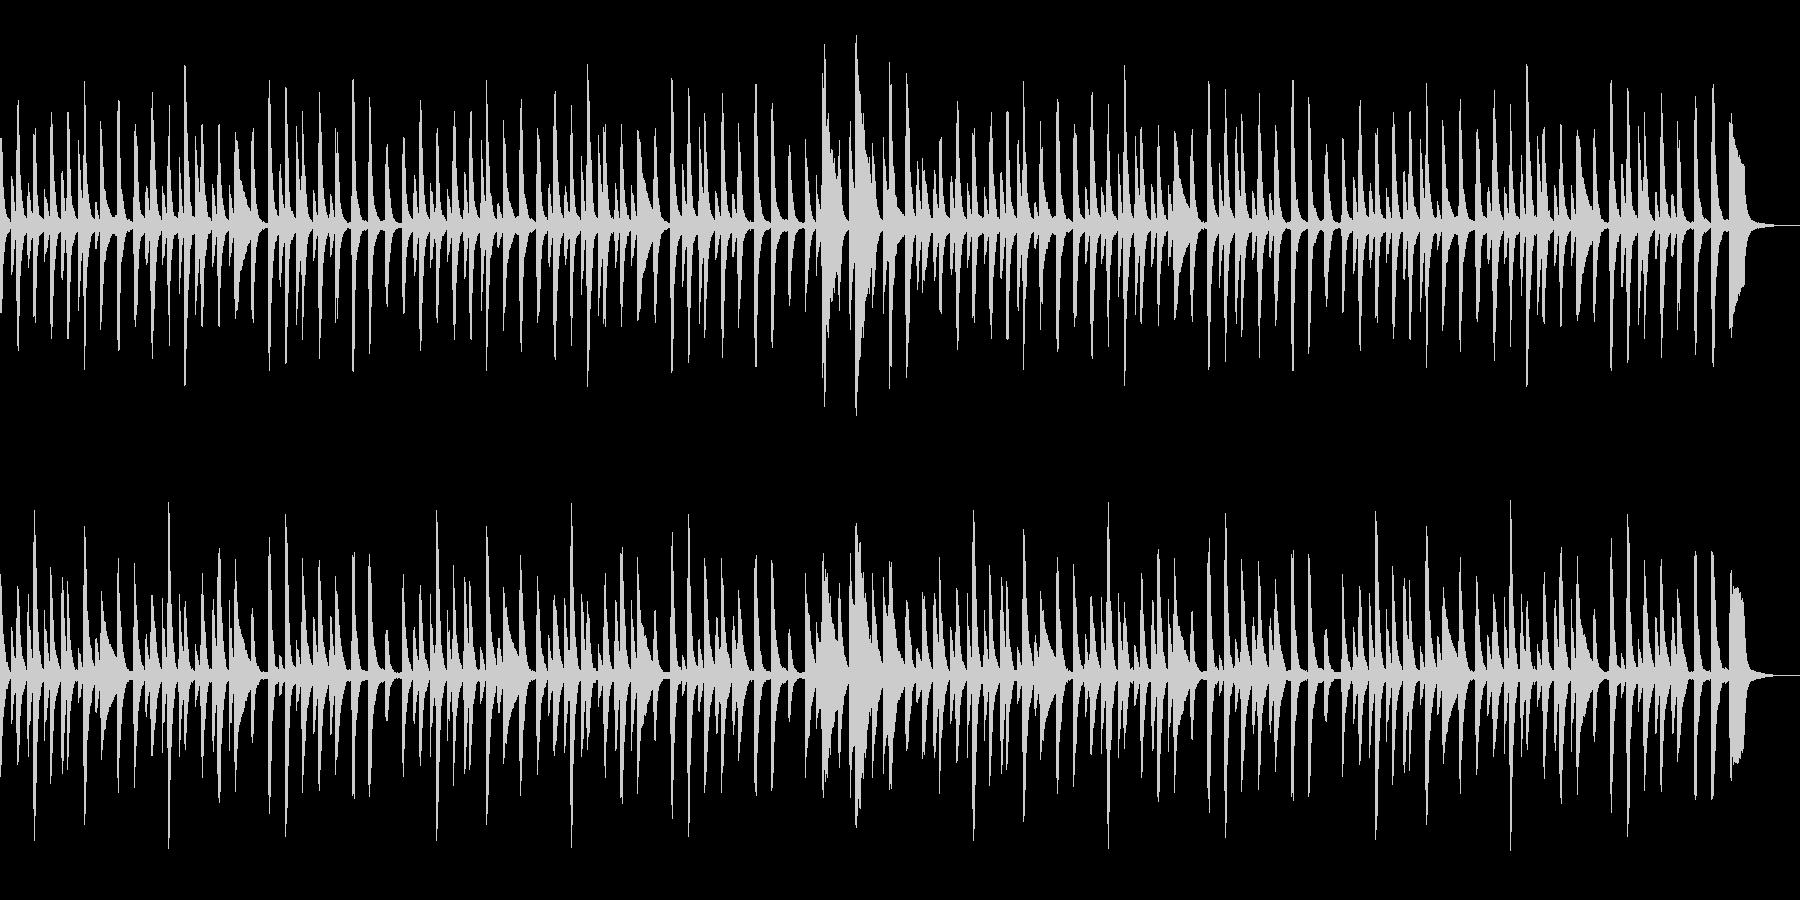 童謡「あめふり」シンプルなピアノソロの未再生の波形